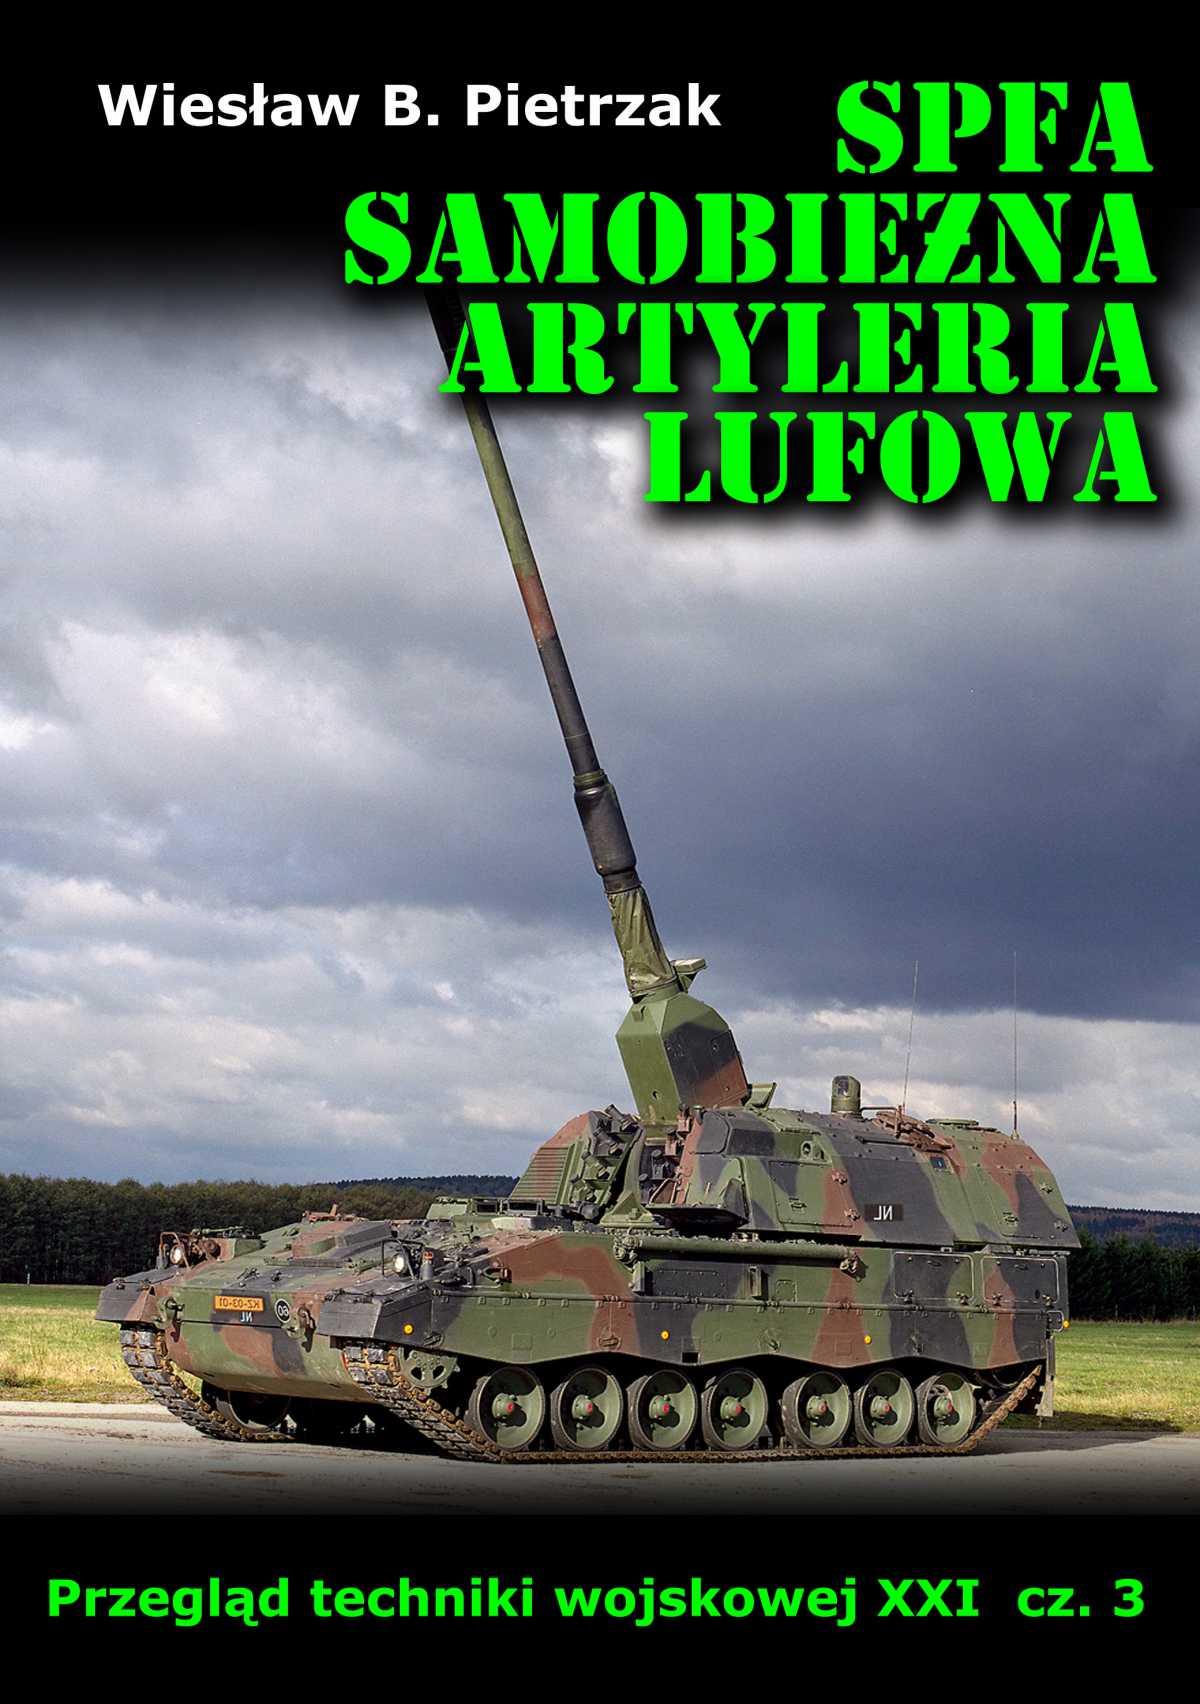 SPFA. Samobieżna artyleria lufowa. Przegląd techniki wojskowej XXI wieku. Część 3 - Ebook (Książka EPUB) do pobrania w formacie EPUB